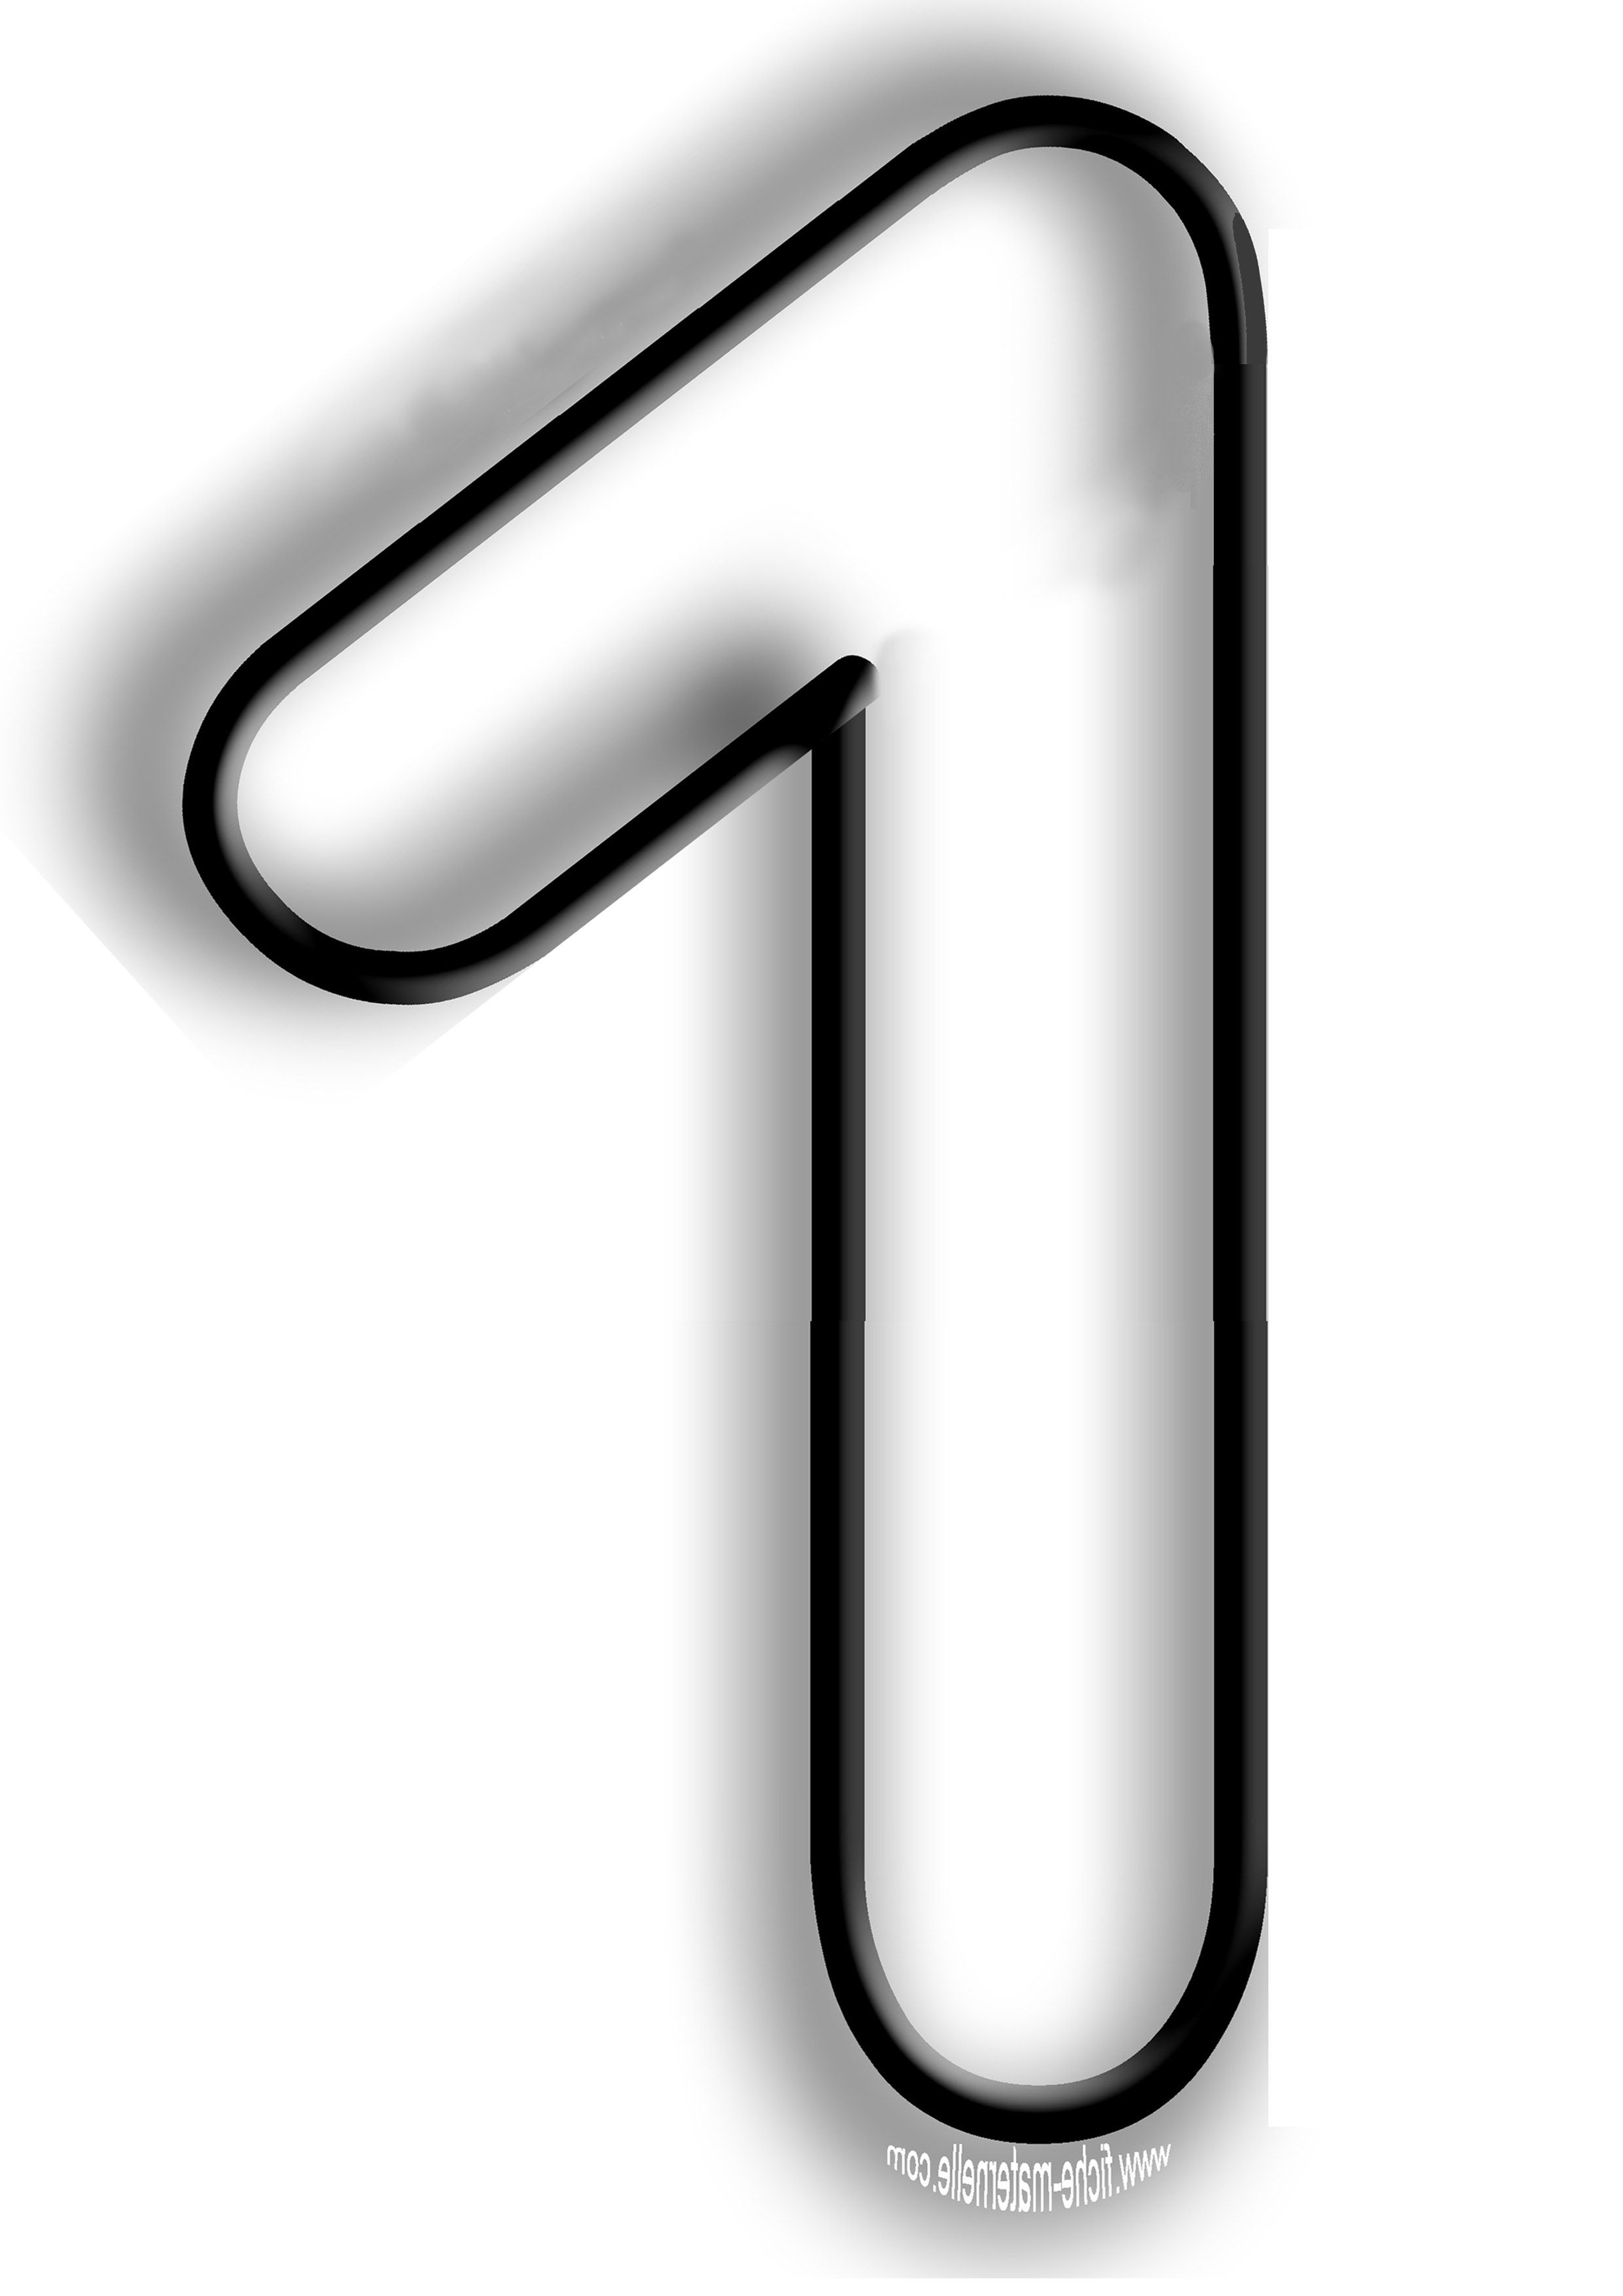 Coloriage des chiffres 01 one pinterest coloriage coloriage chiffre i chiffre - Coloriage chiffres a imprimer ...